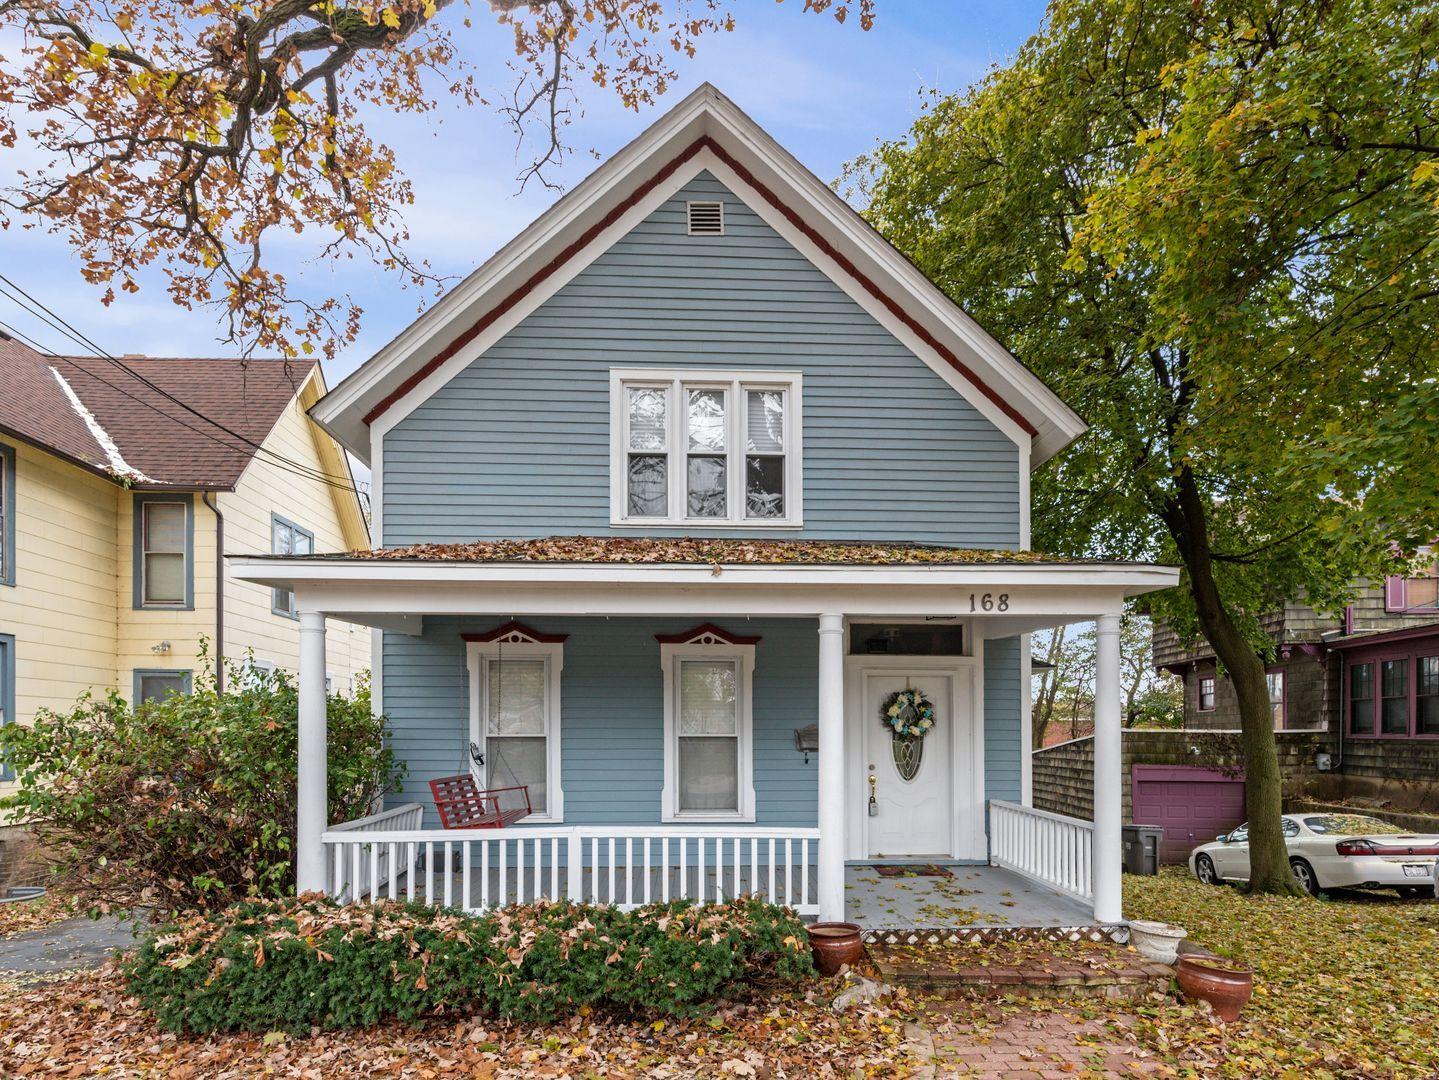 168 Villa Street, Elgin, Illinois